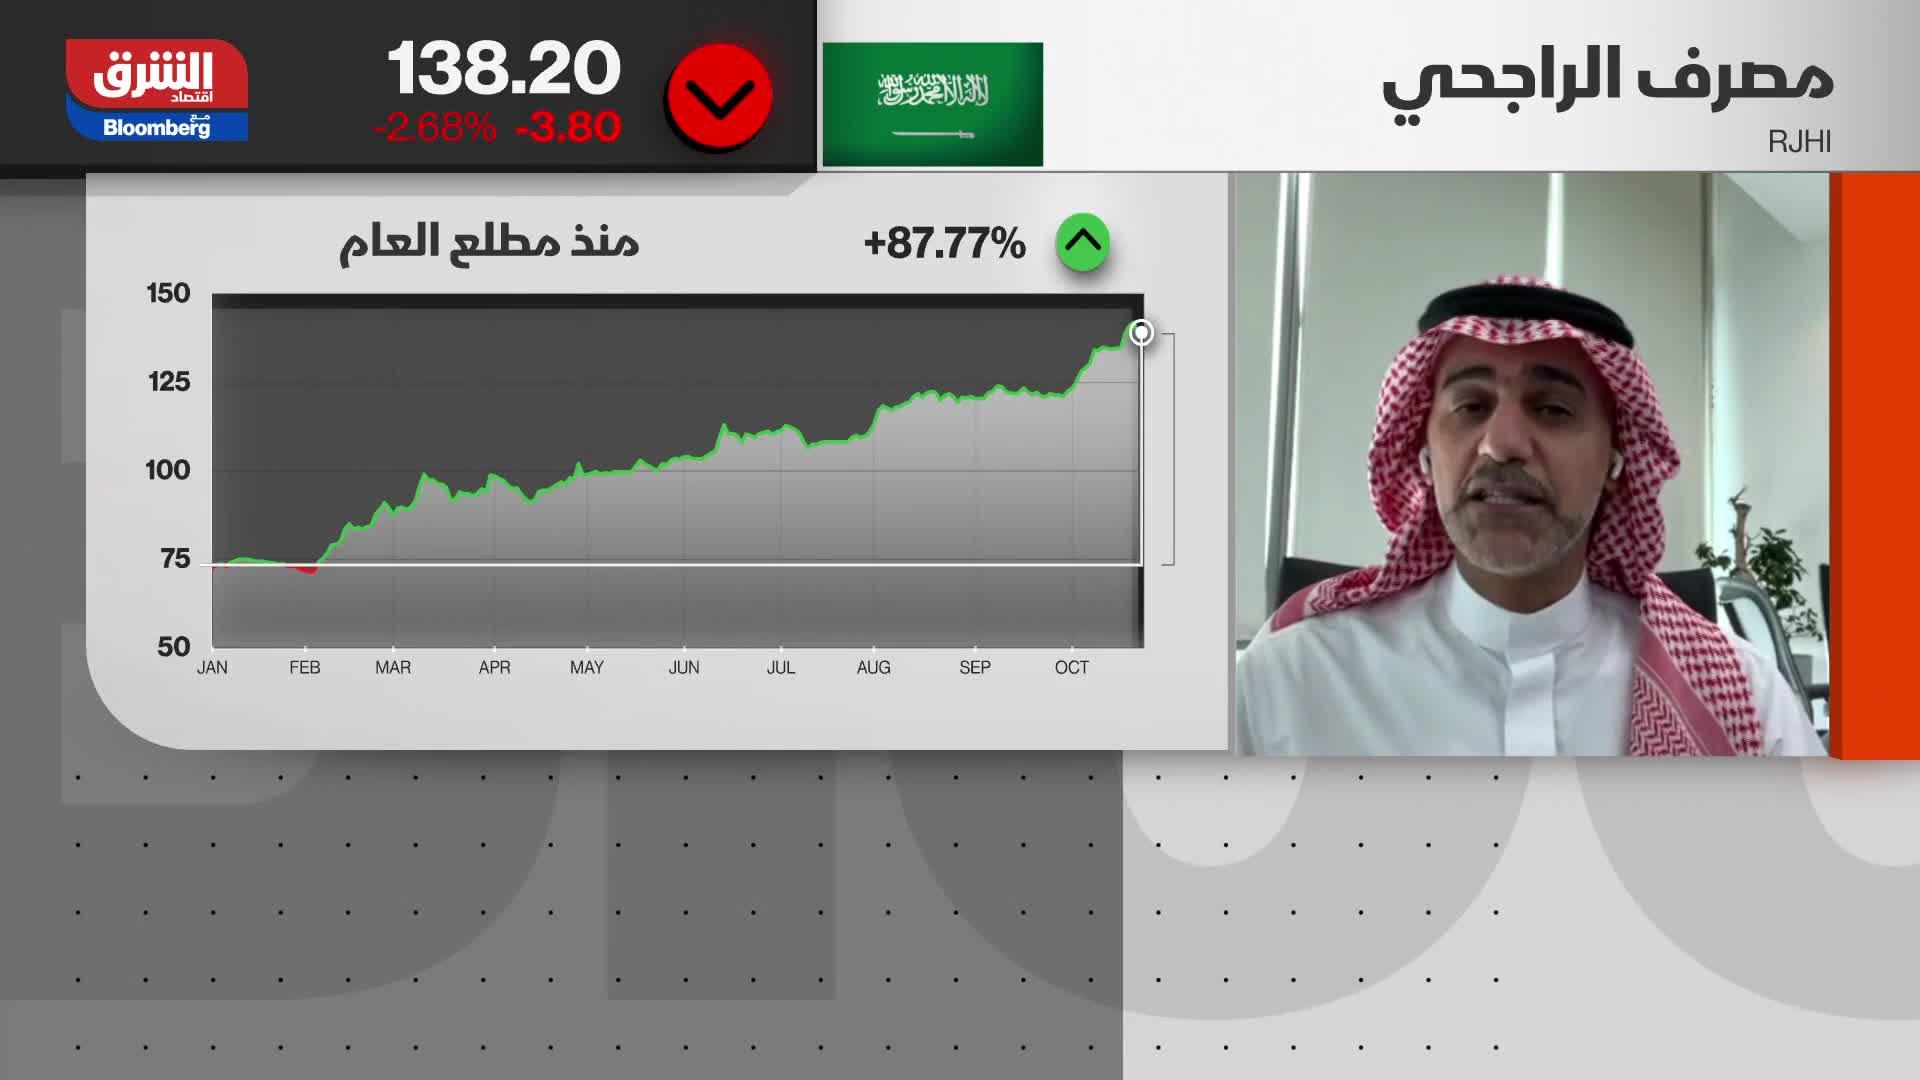 لماذا نرى تراجعات في مكونات القطاع البنكي بالسعودية وعلى رأسها مصرف الراجحي؟